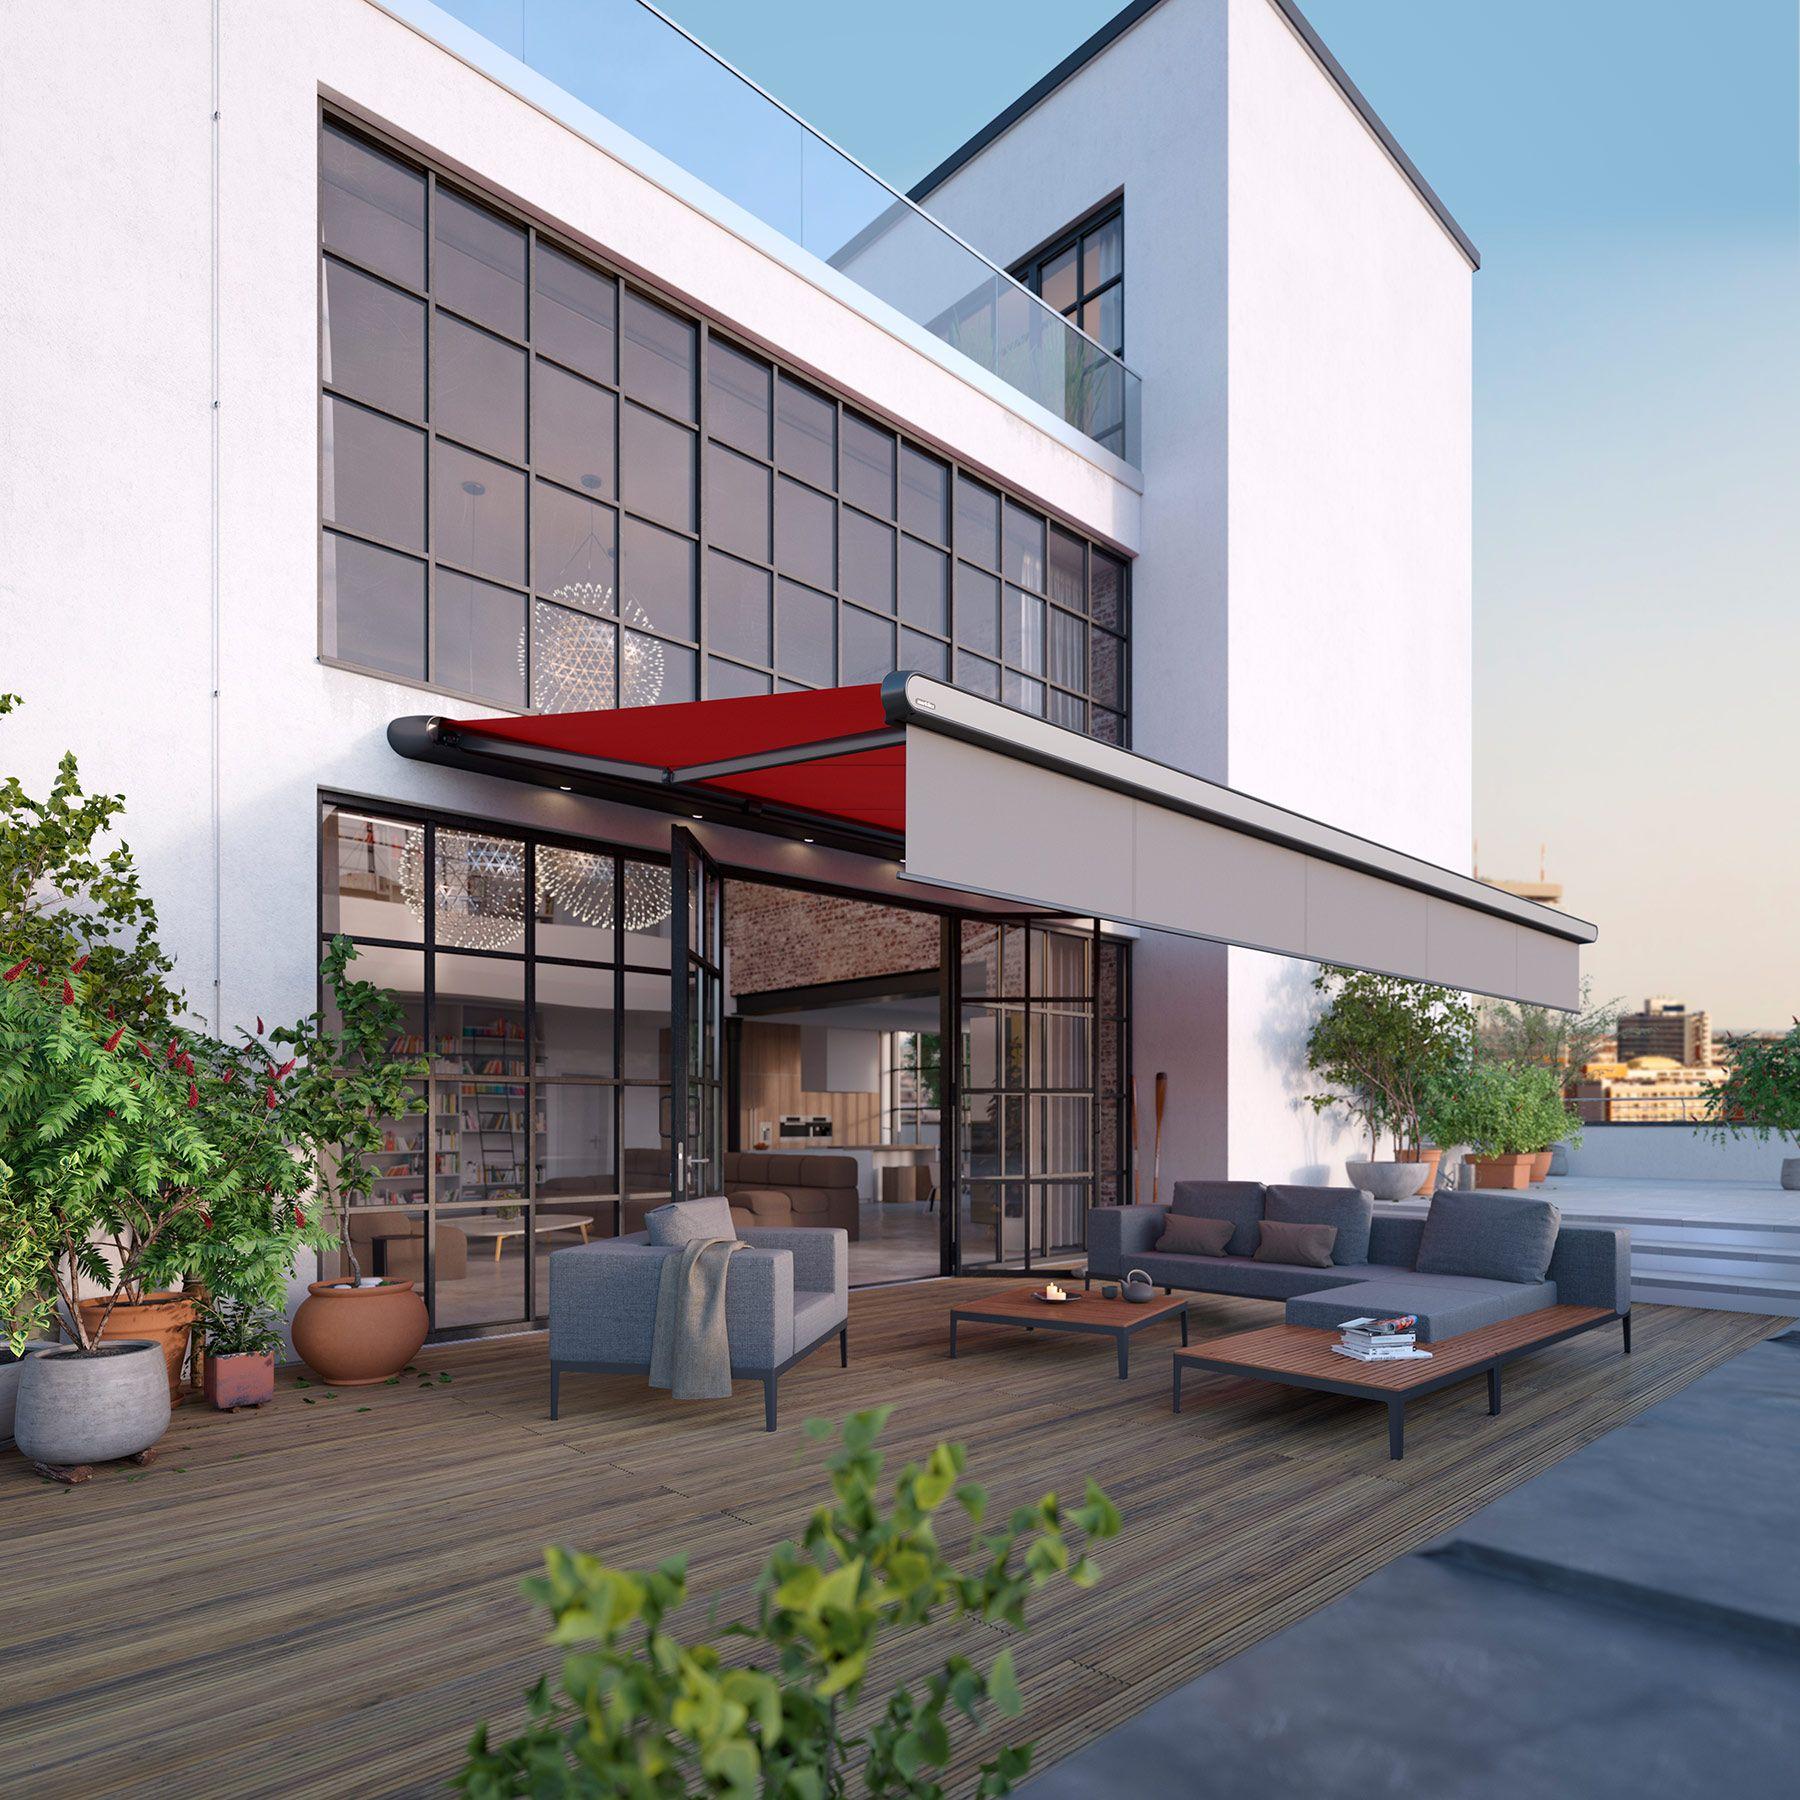 Markise hochwertig keine wohnzimmer architektur terrasse terrace architecture